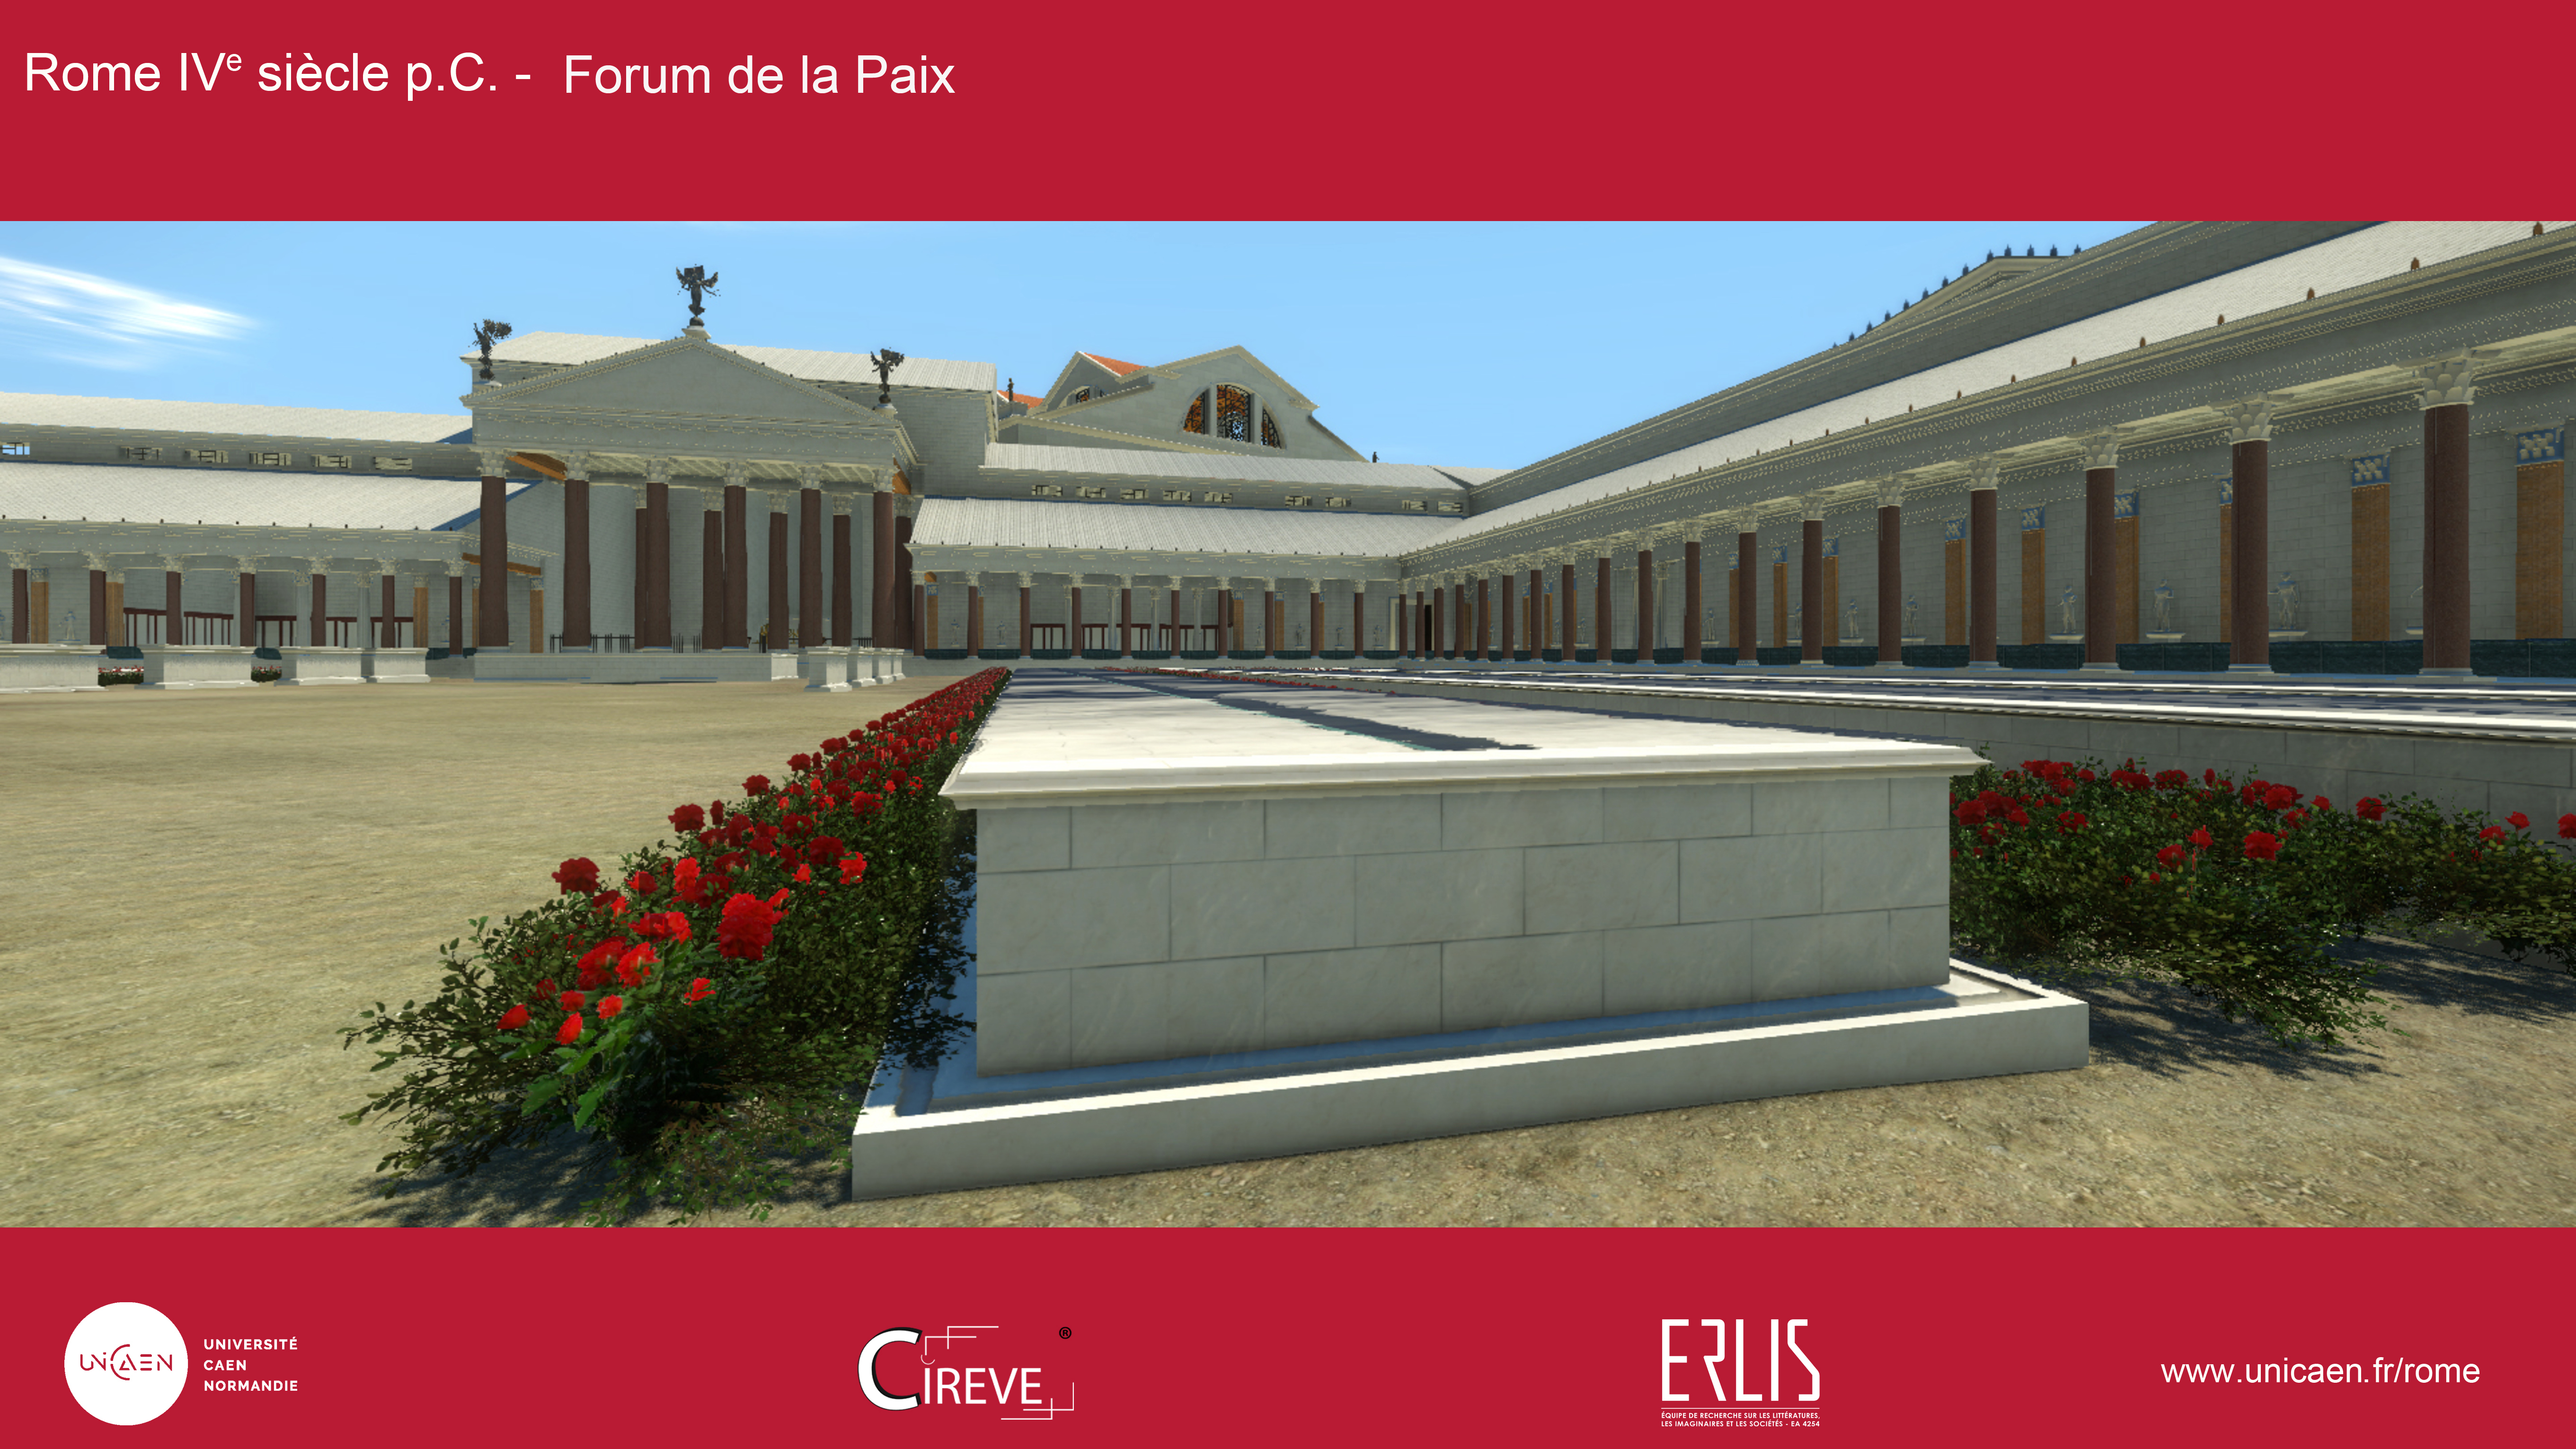 Forum de la Paix